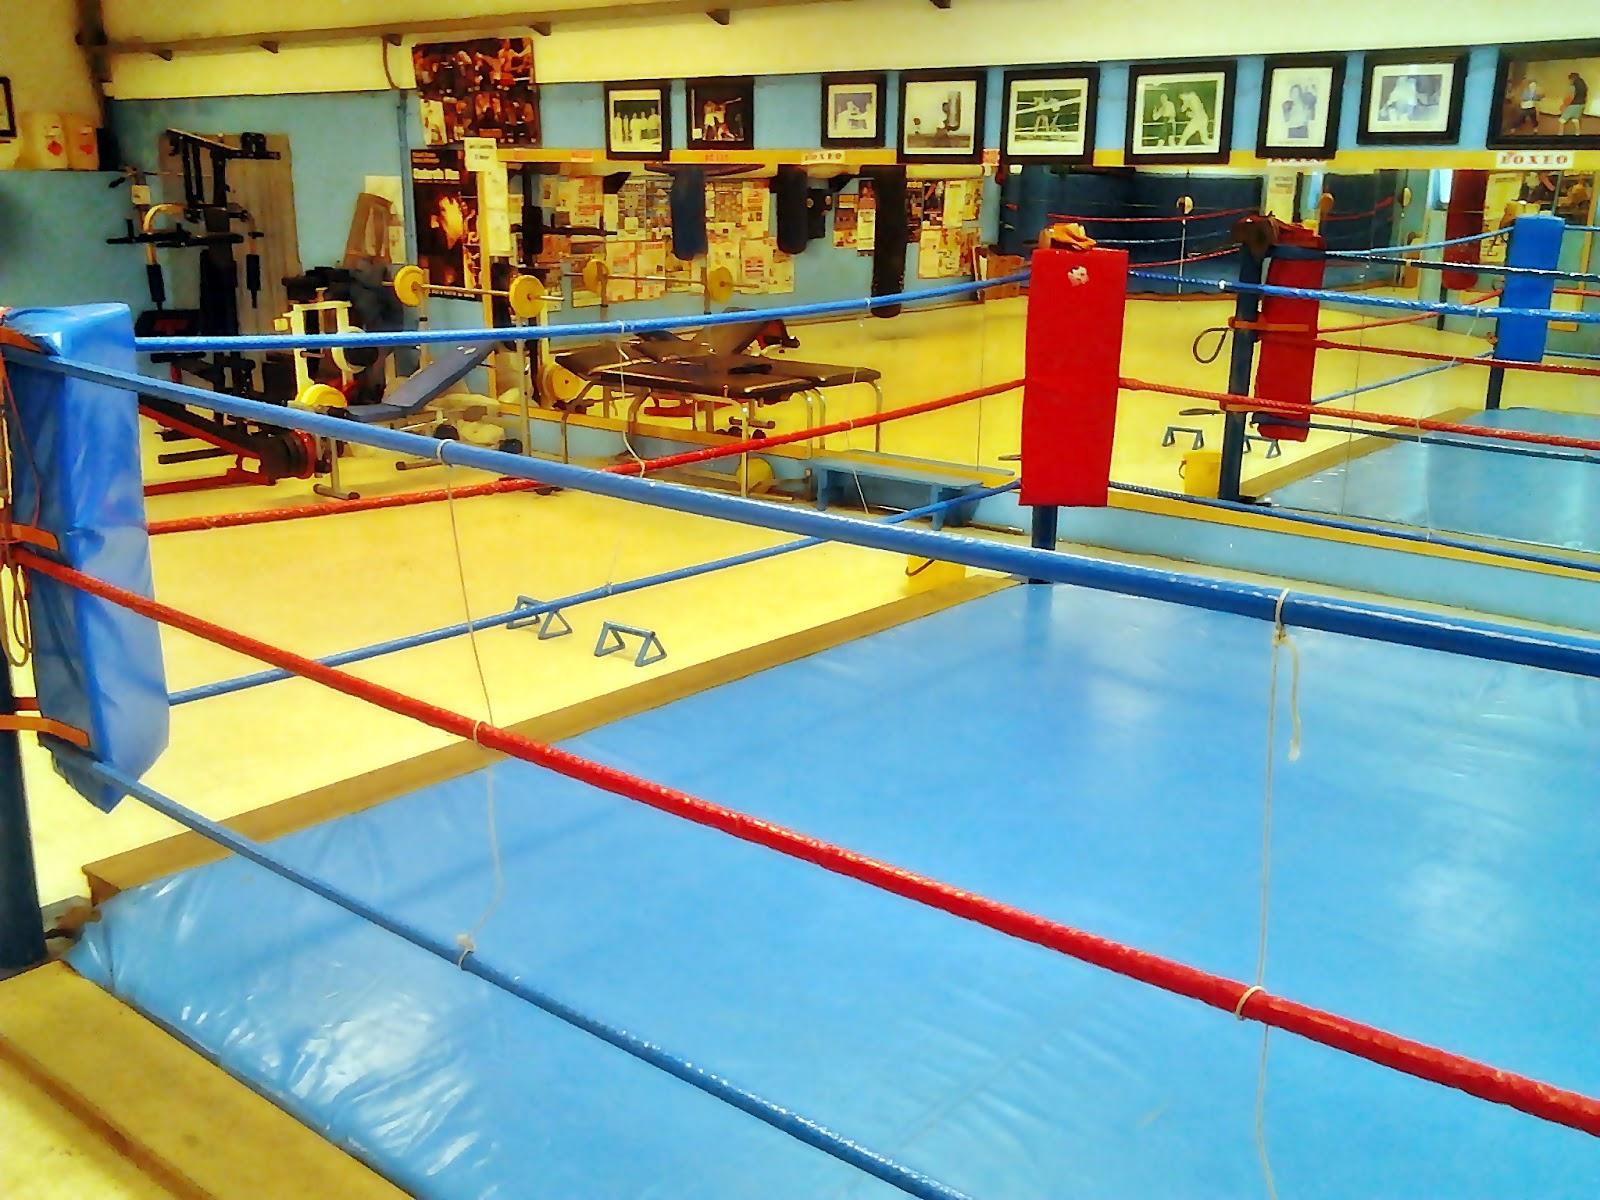 Gimnasio de boxeo en lugo for Gimnasio de boxeo